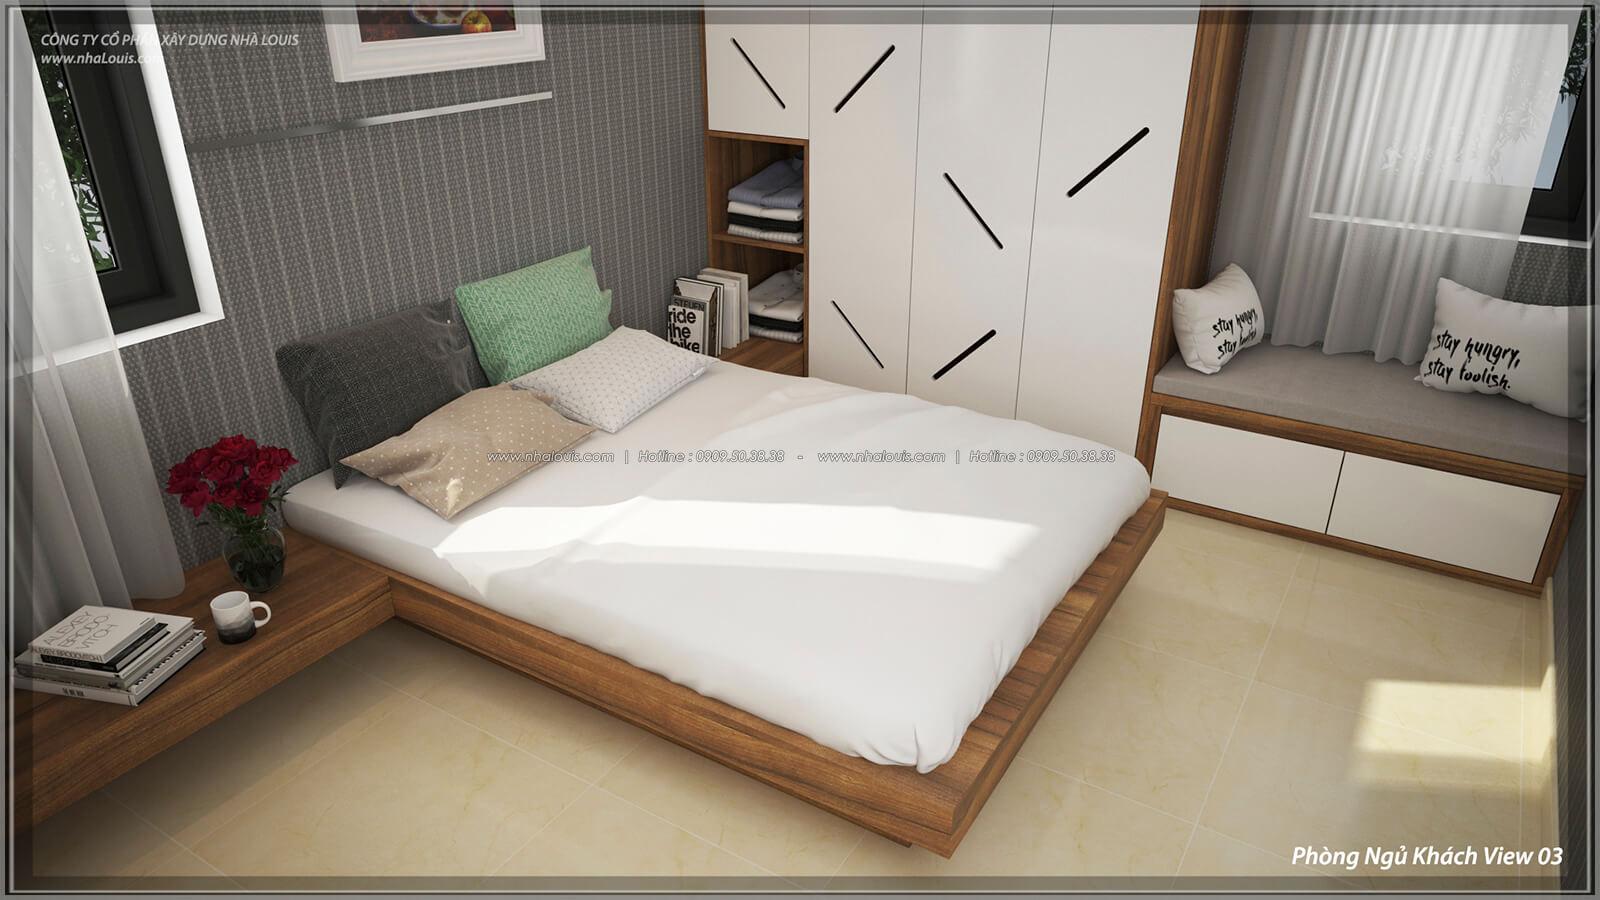 Phòng ngủ cho khách Thiết kế nội thất biệt thự cao cấp Lucasta Villa 5 sao tại Quận 9 - 45